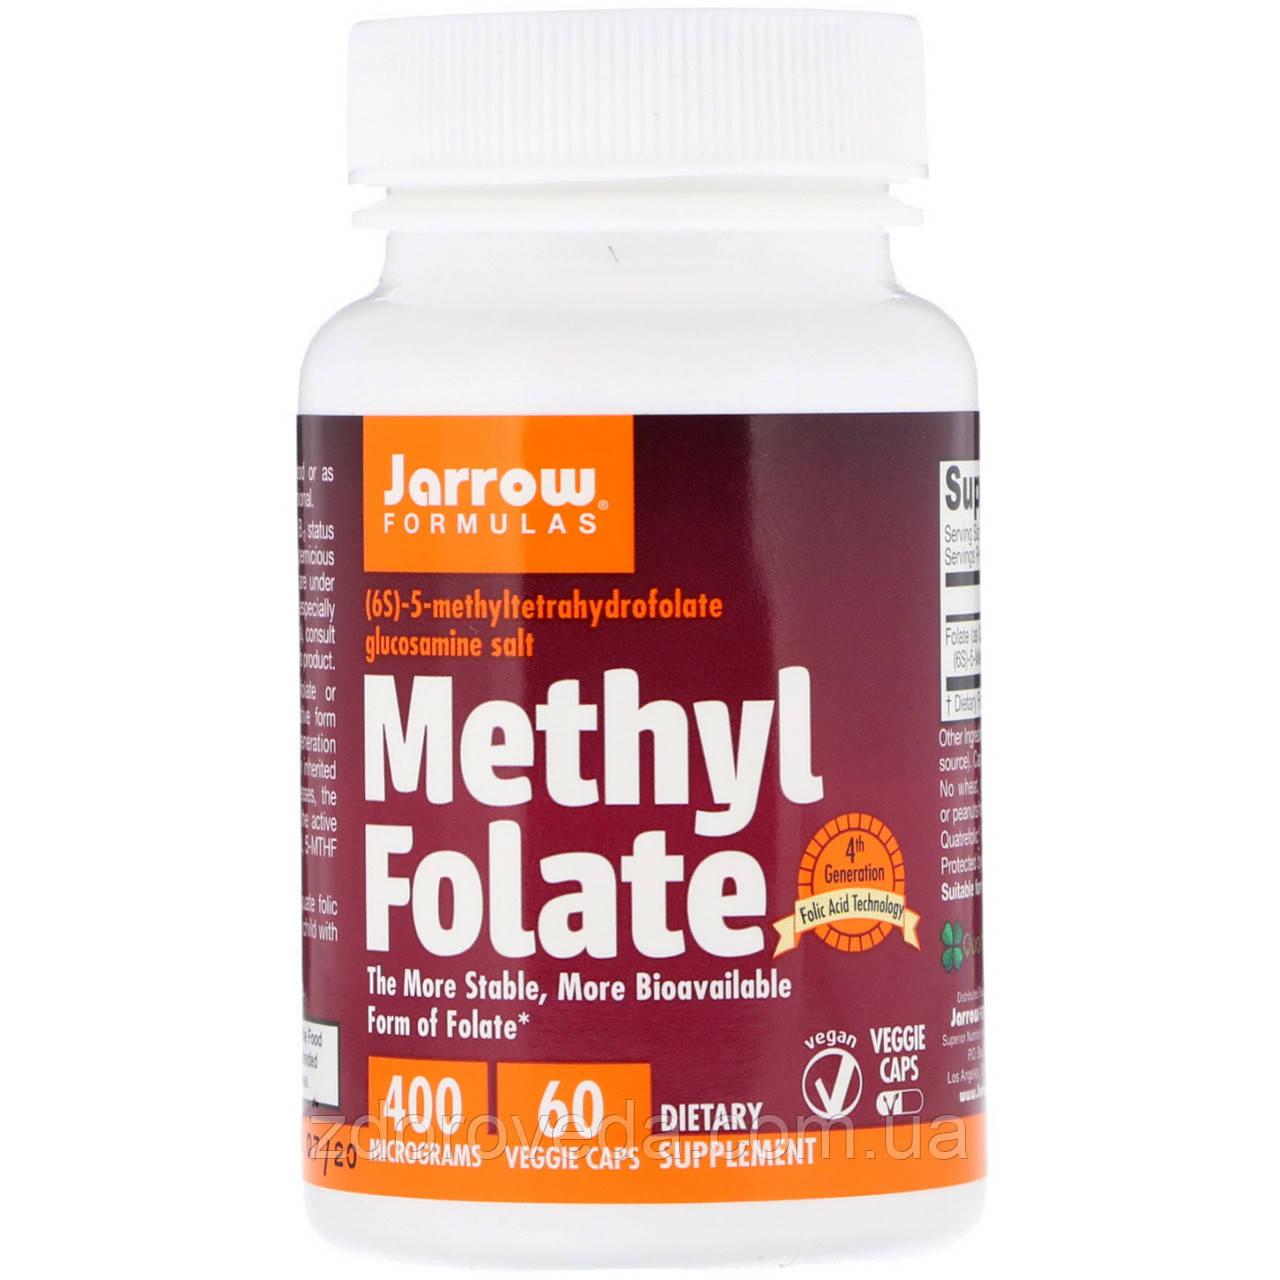 Метилфолат, 400 мкг, 60 капсул, Jarrow Formulas, США (лучшая форма фолиевой кислоты)